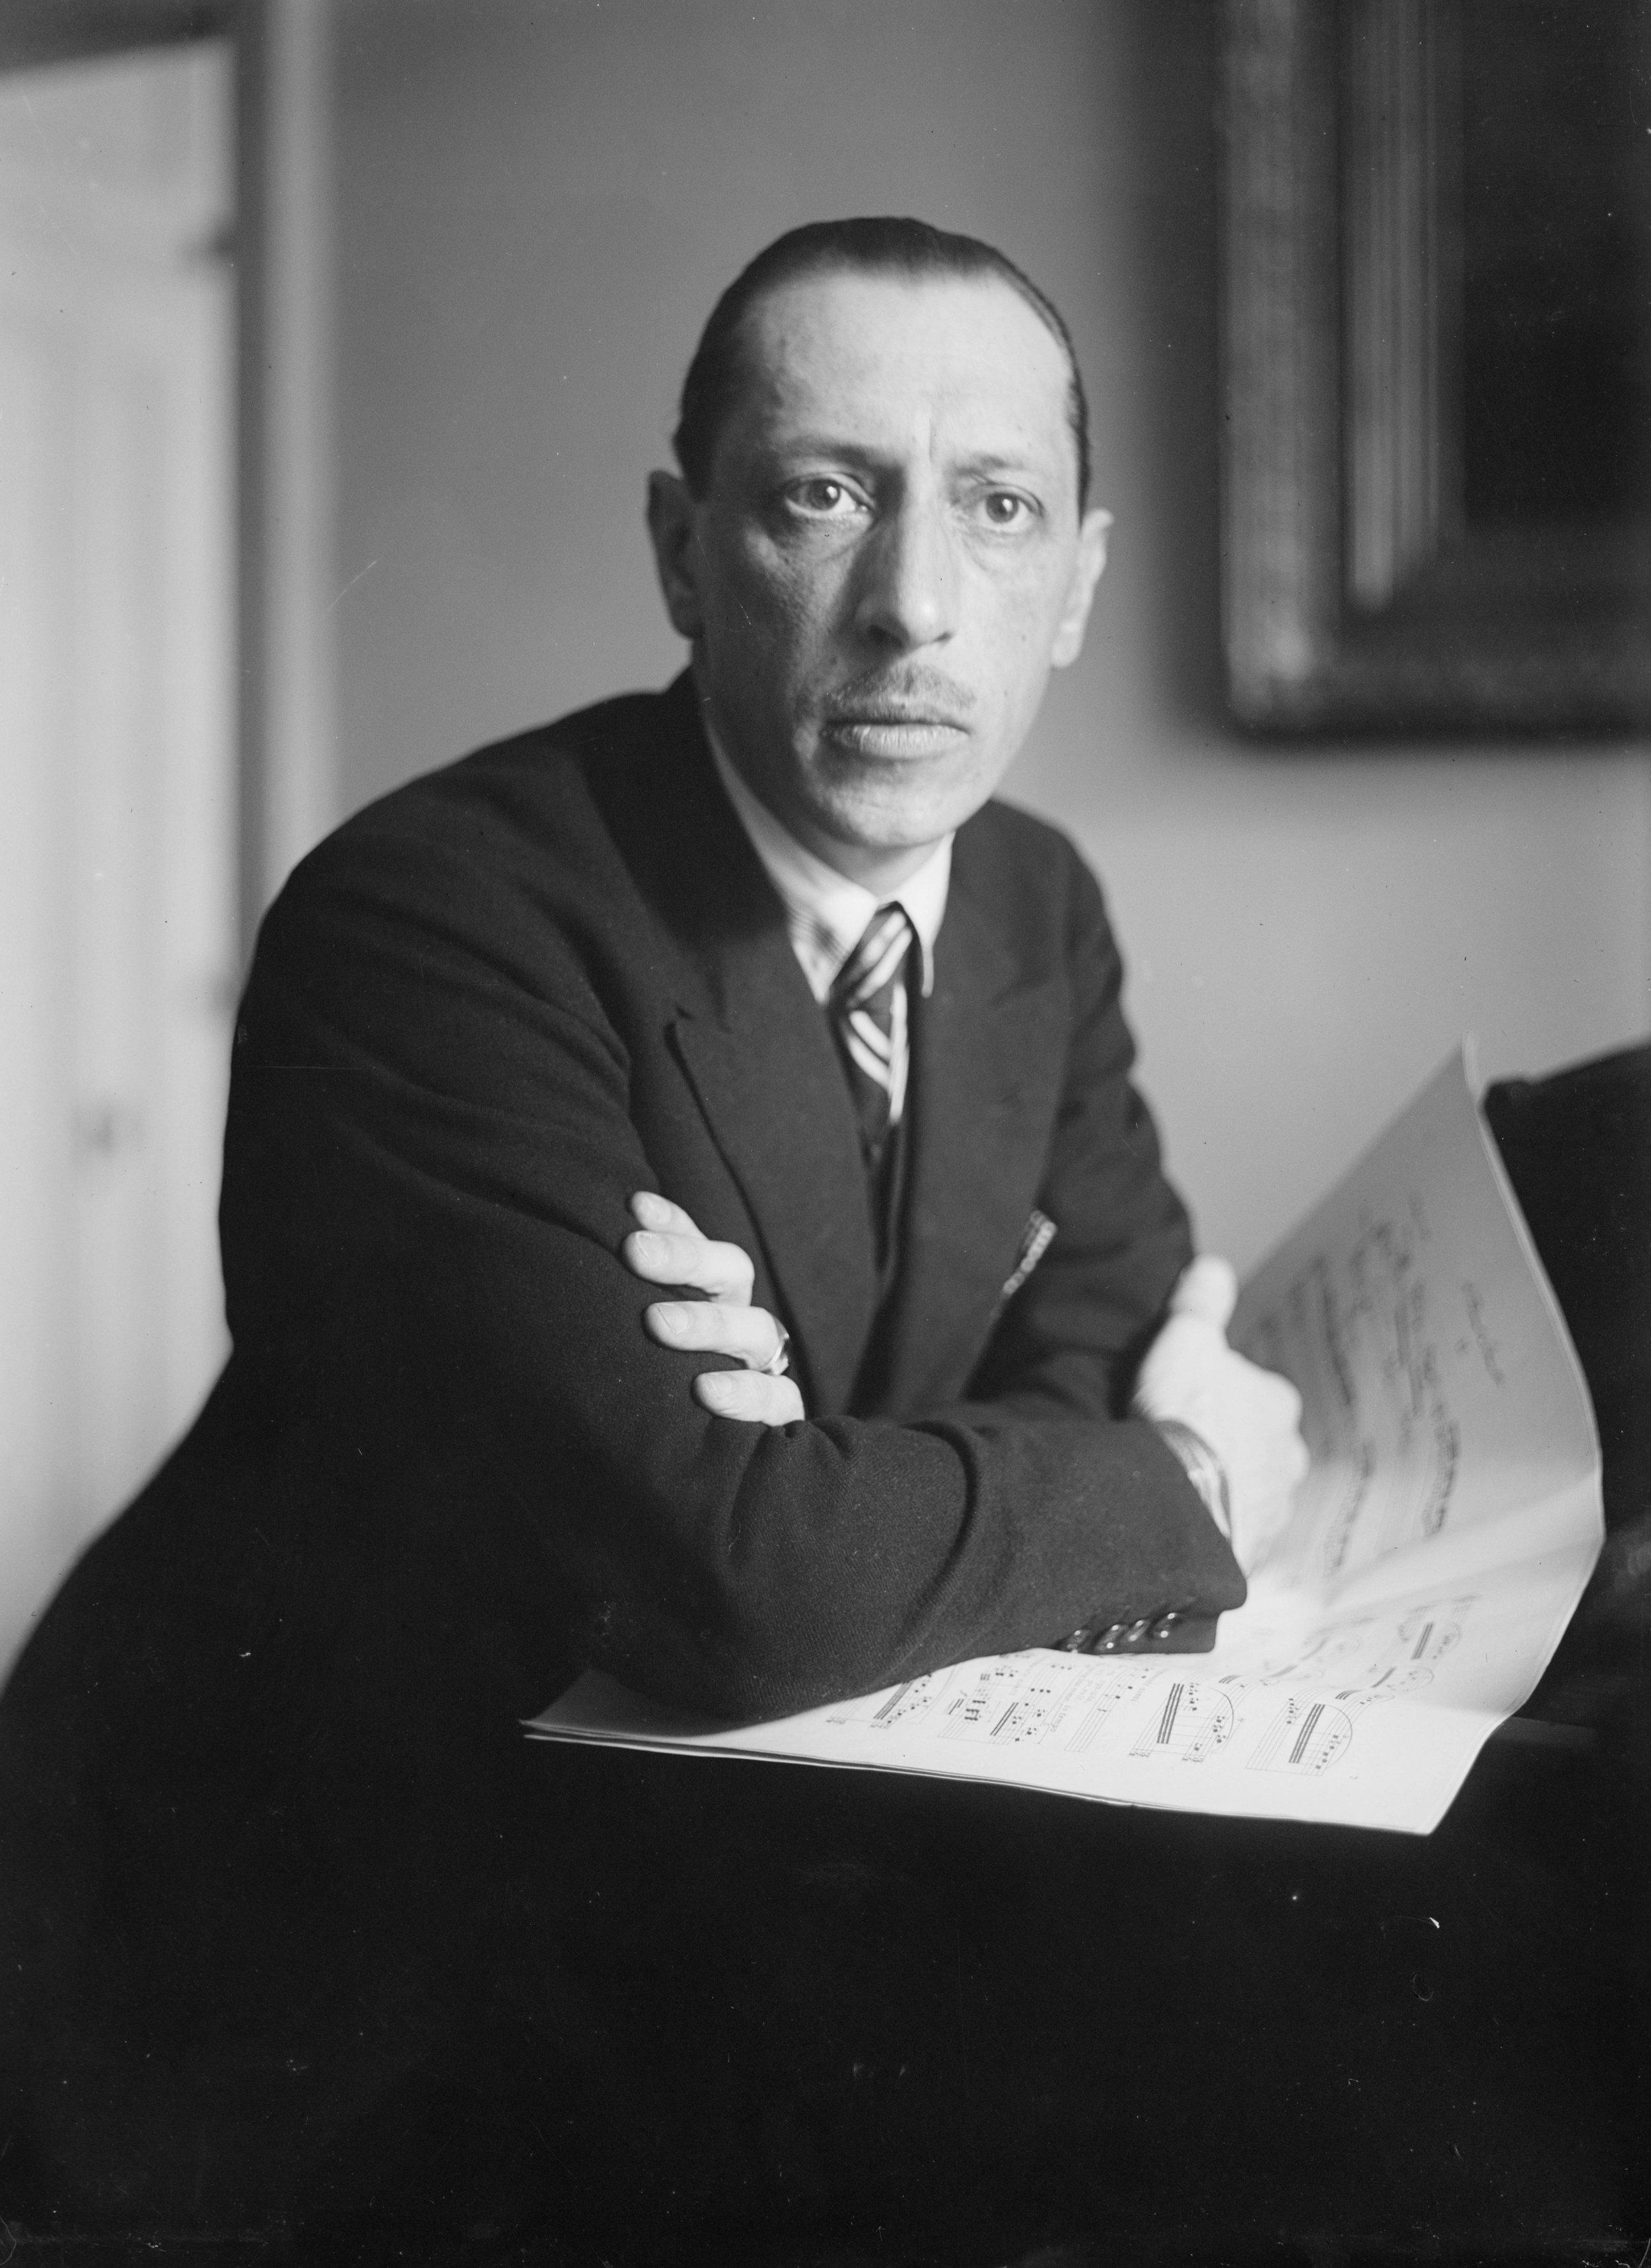 Stravinsky in Black & White -